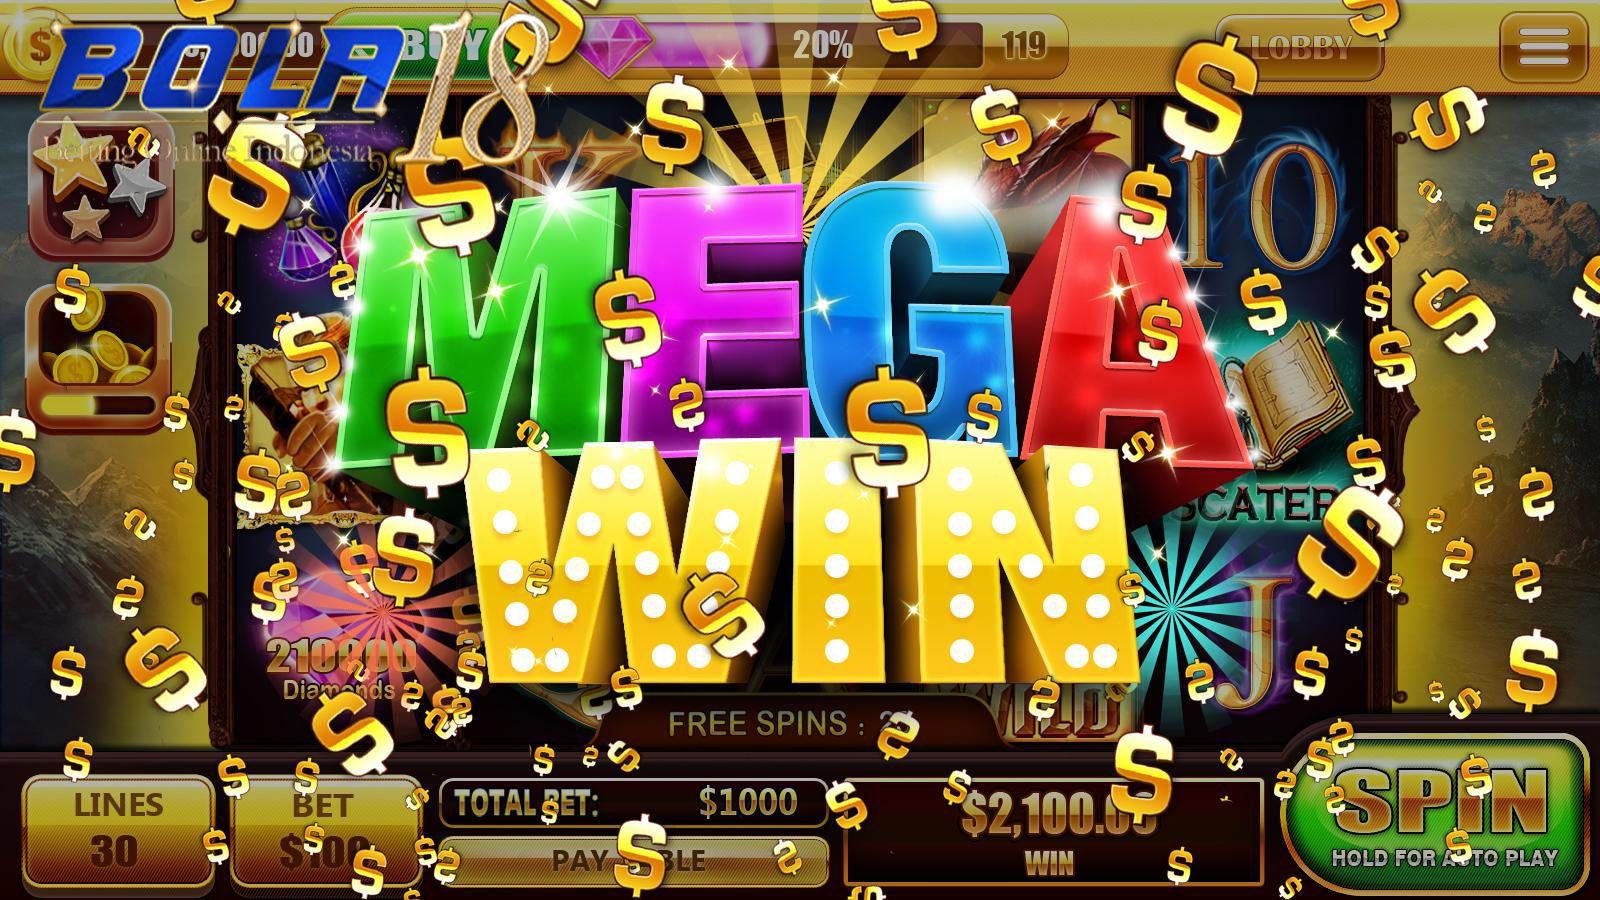 Best online casino slot game комментарии о выигрышах в онлайн казино